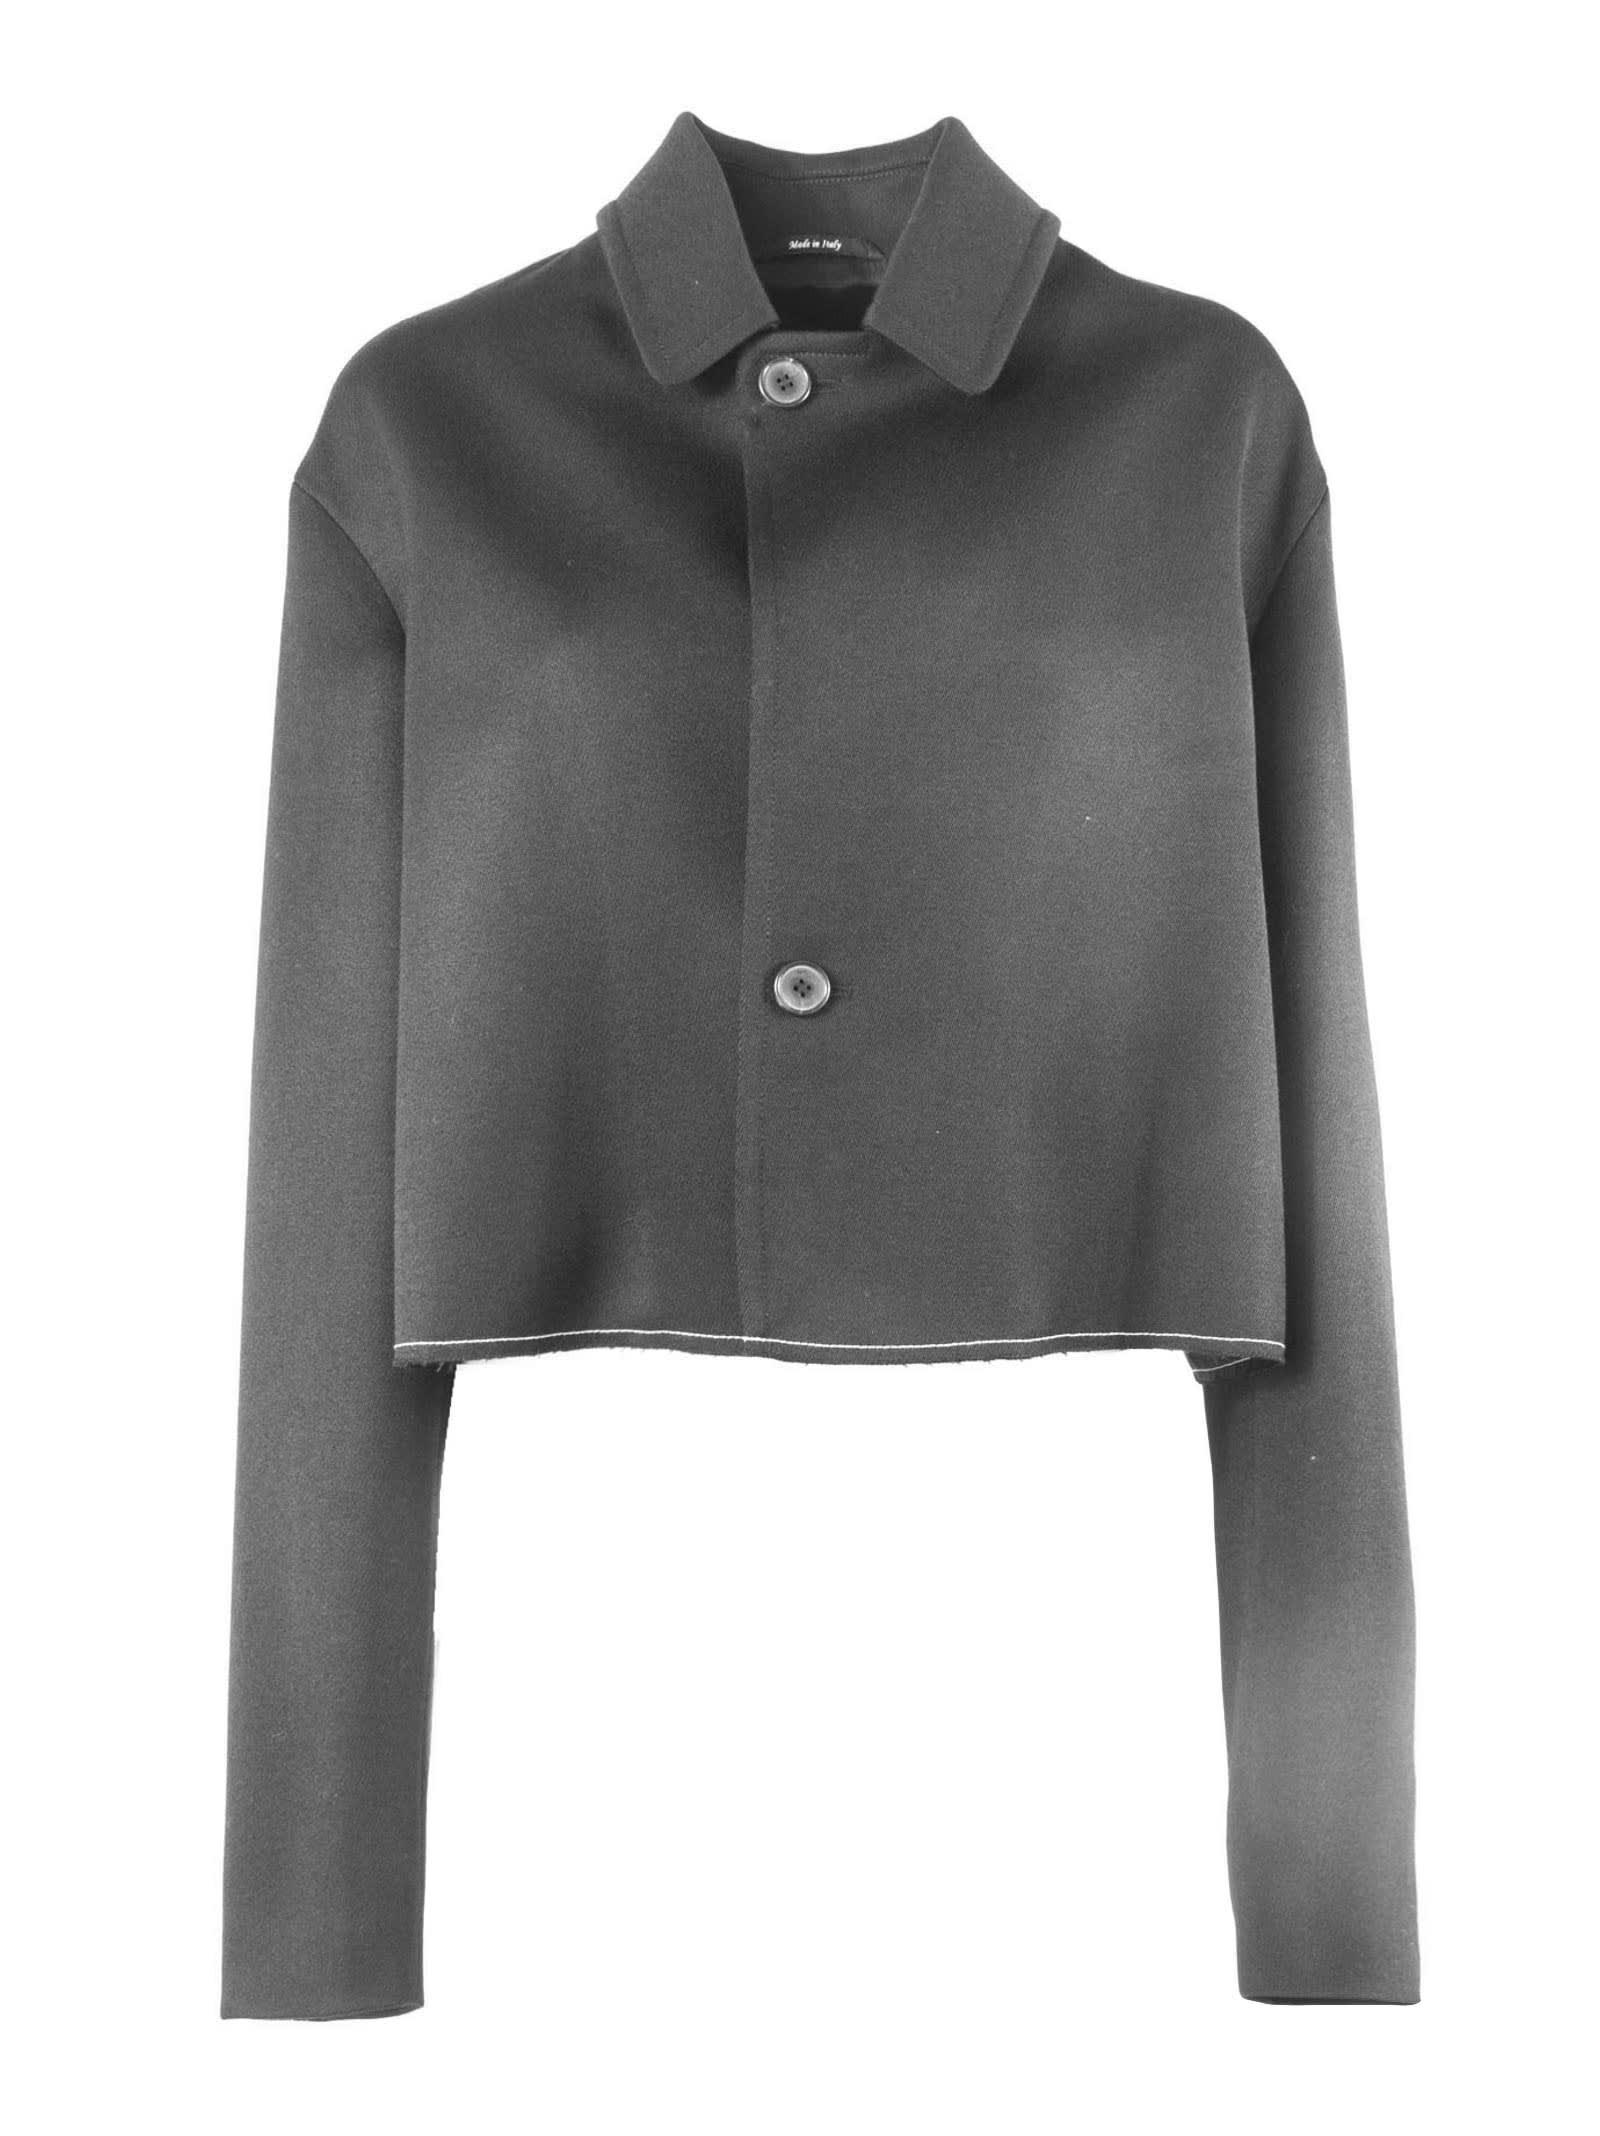 Maison Margiela Black Wool Cropped Jacket